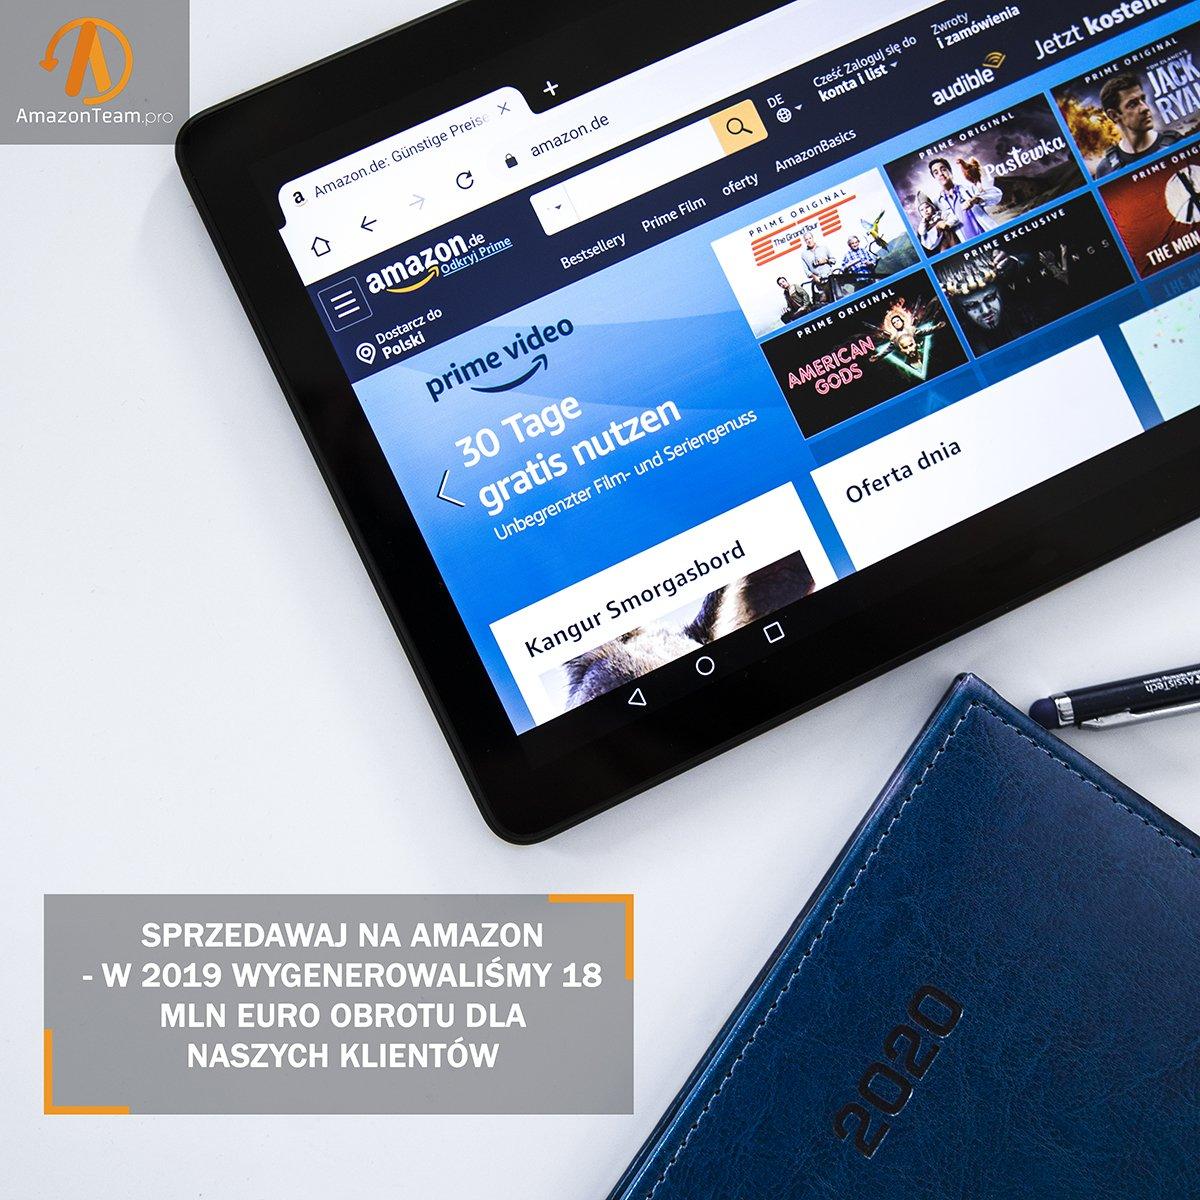 Sprzedaż na Amazon w Polsce- spytaj ekspertów!